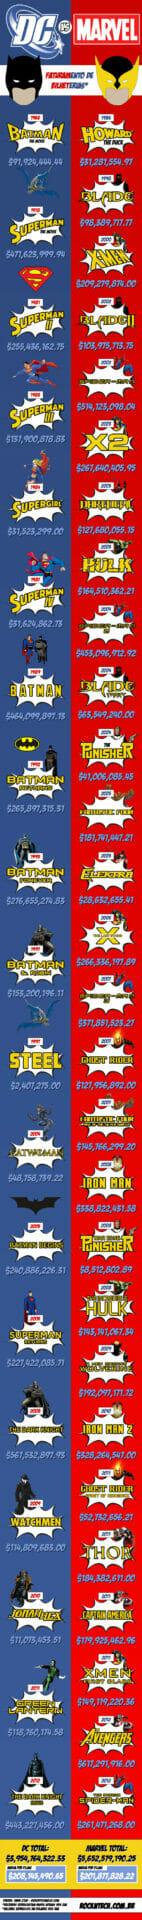 Infográfico: Batalha de Bilheterias entre filmes da DC Comics e Marvel - Quem vence?